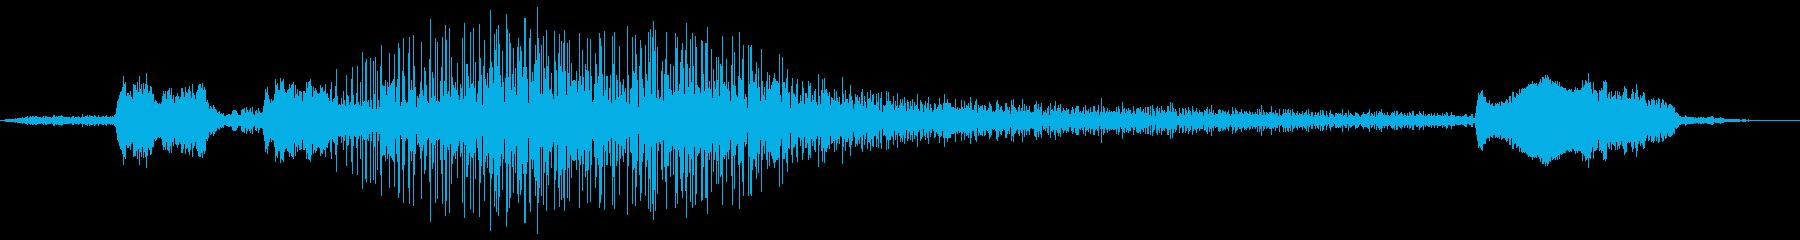 トップフューエルファニーカー:ウォ...の再生済みの波形